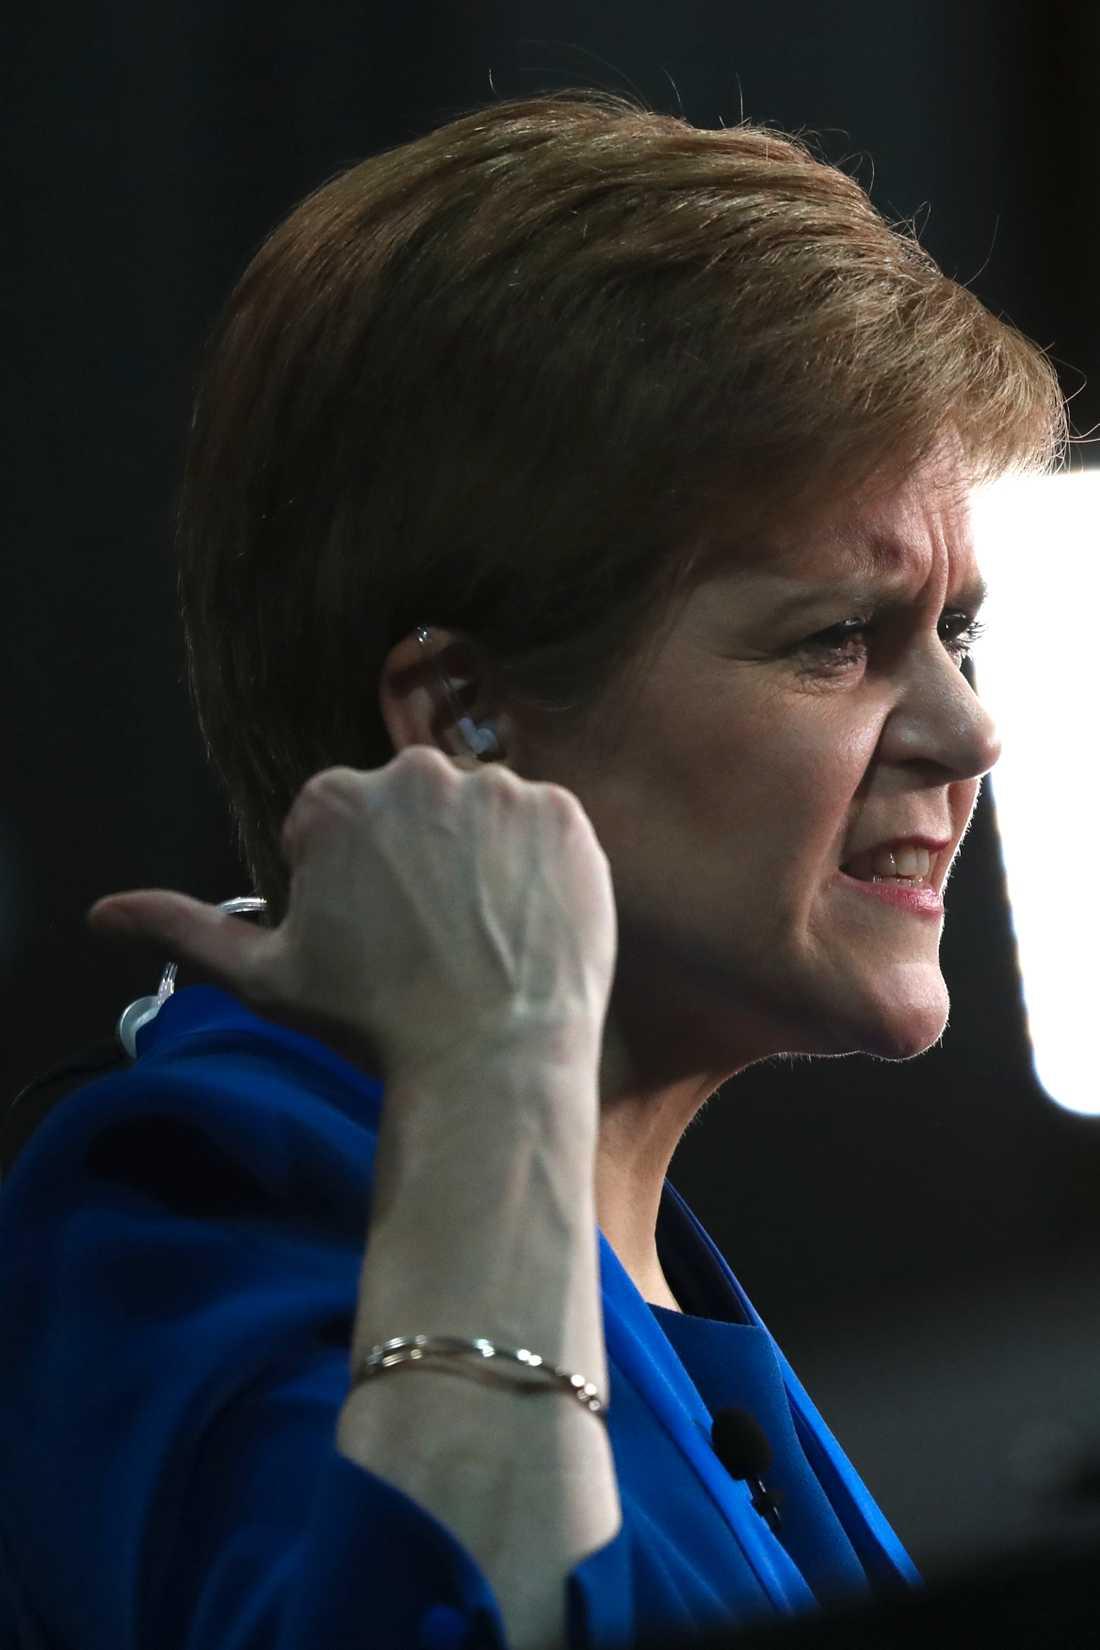 Det skotska nationalistpartiet SNP:s ledare Nicola Sturgeon kräver en ny folkomröstning om skotskt oberoende.